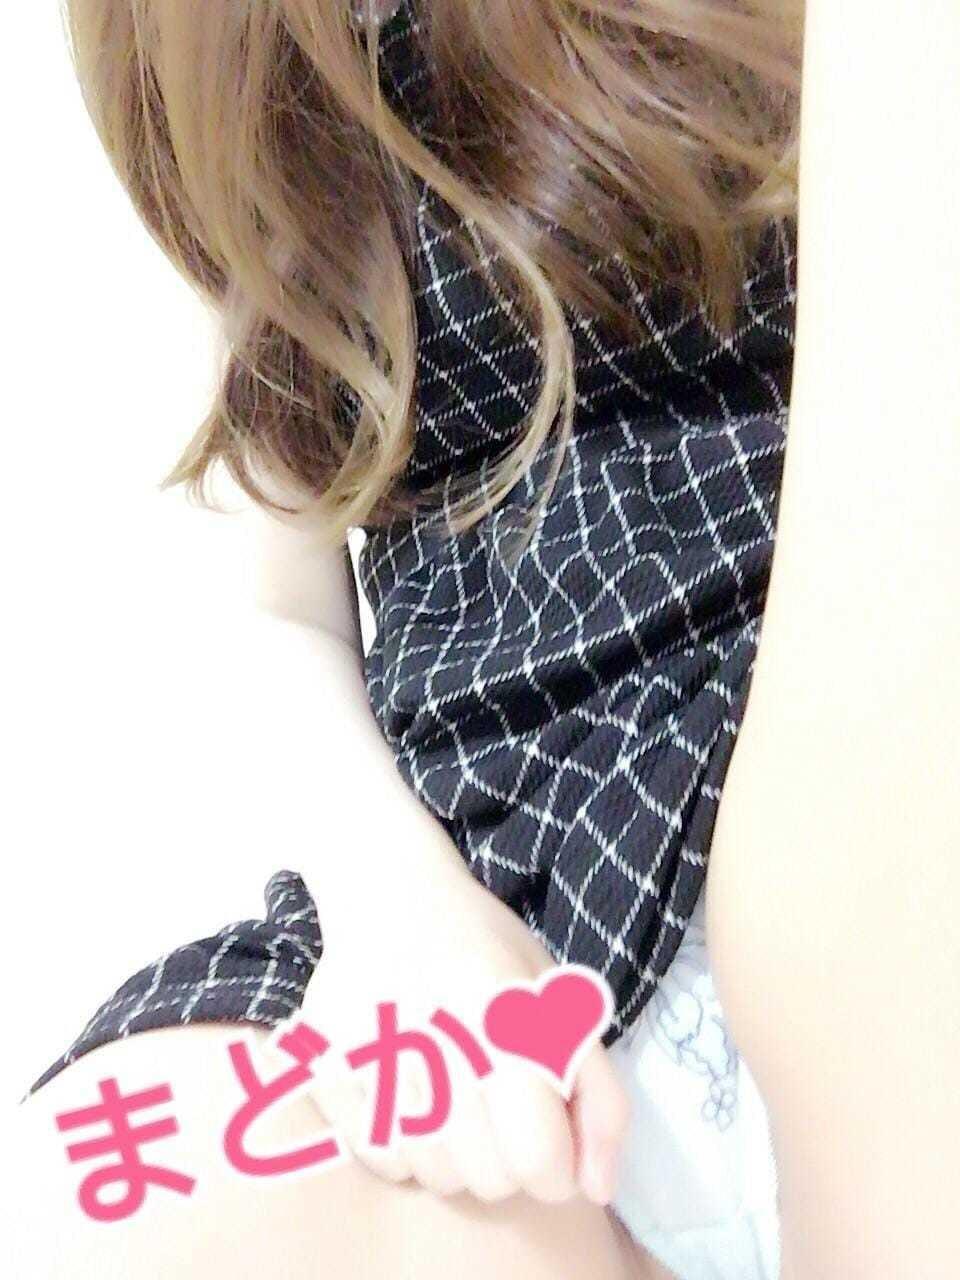 「次回もよろしくね☆」08/23(08/23) 05:14 | マドカの写メ・風俗動画